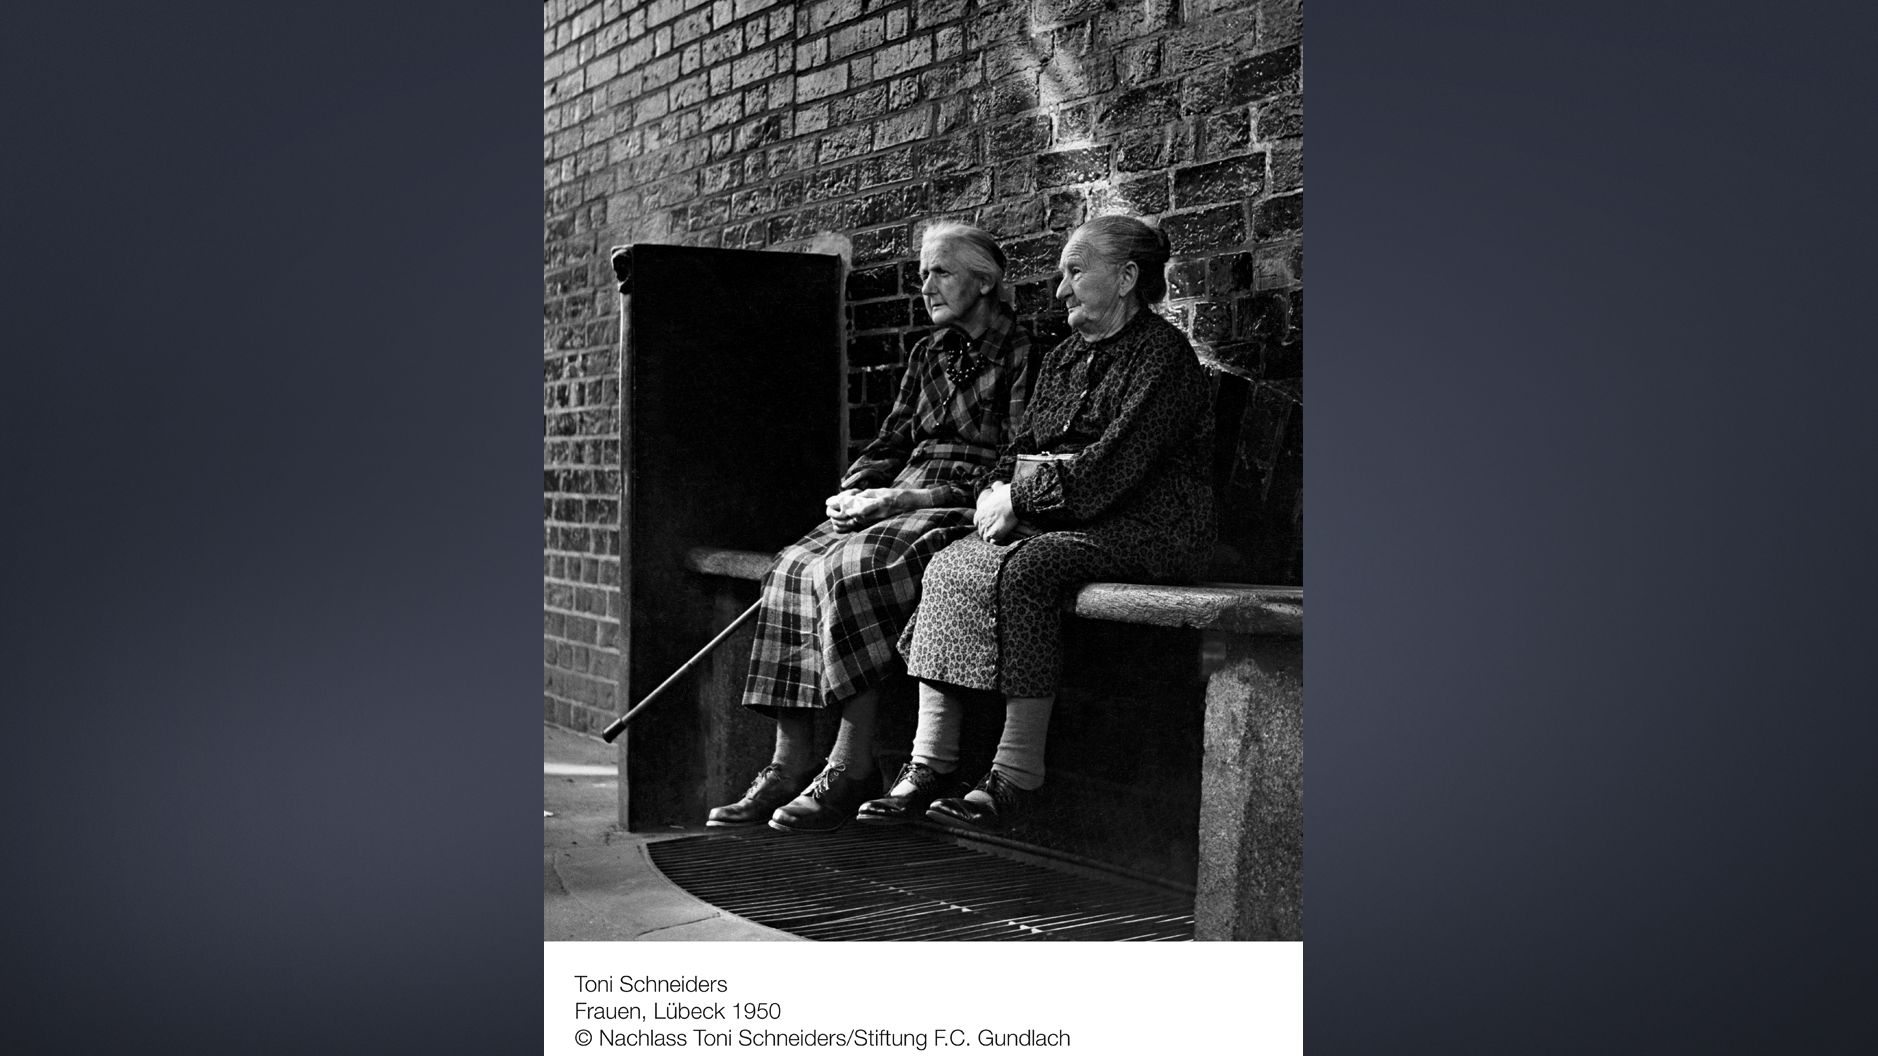 Schwarzweiß-Foto von zwei alten Frauen auf einer Bank an der Hauswand